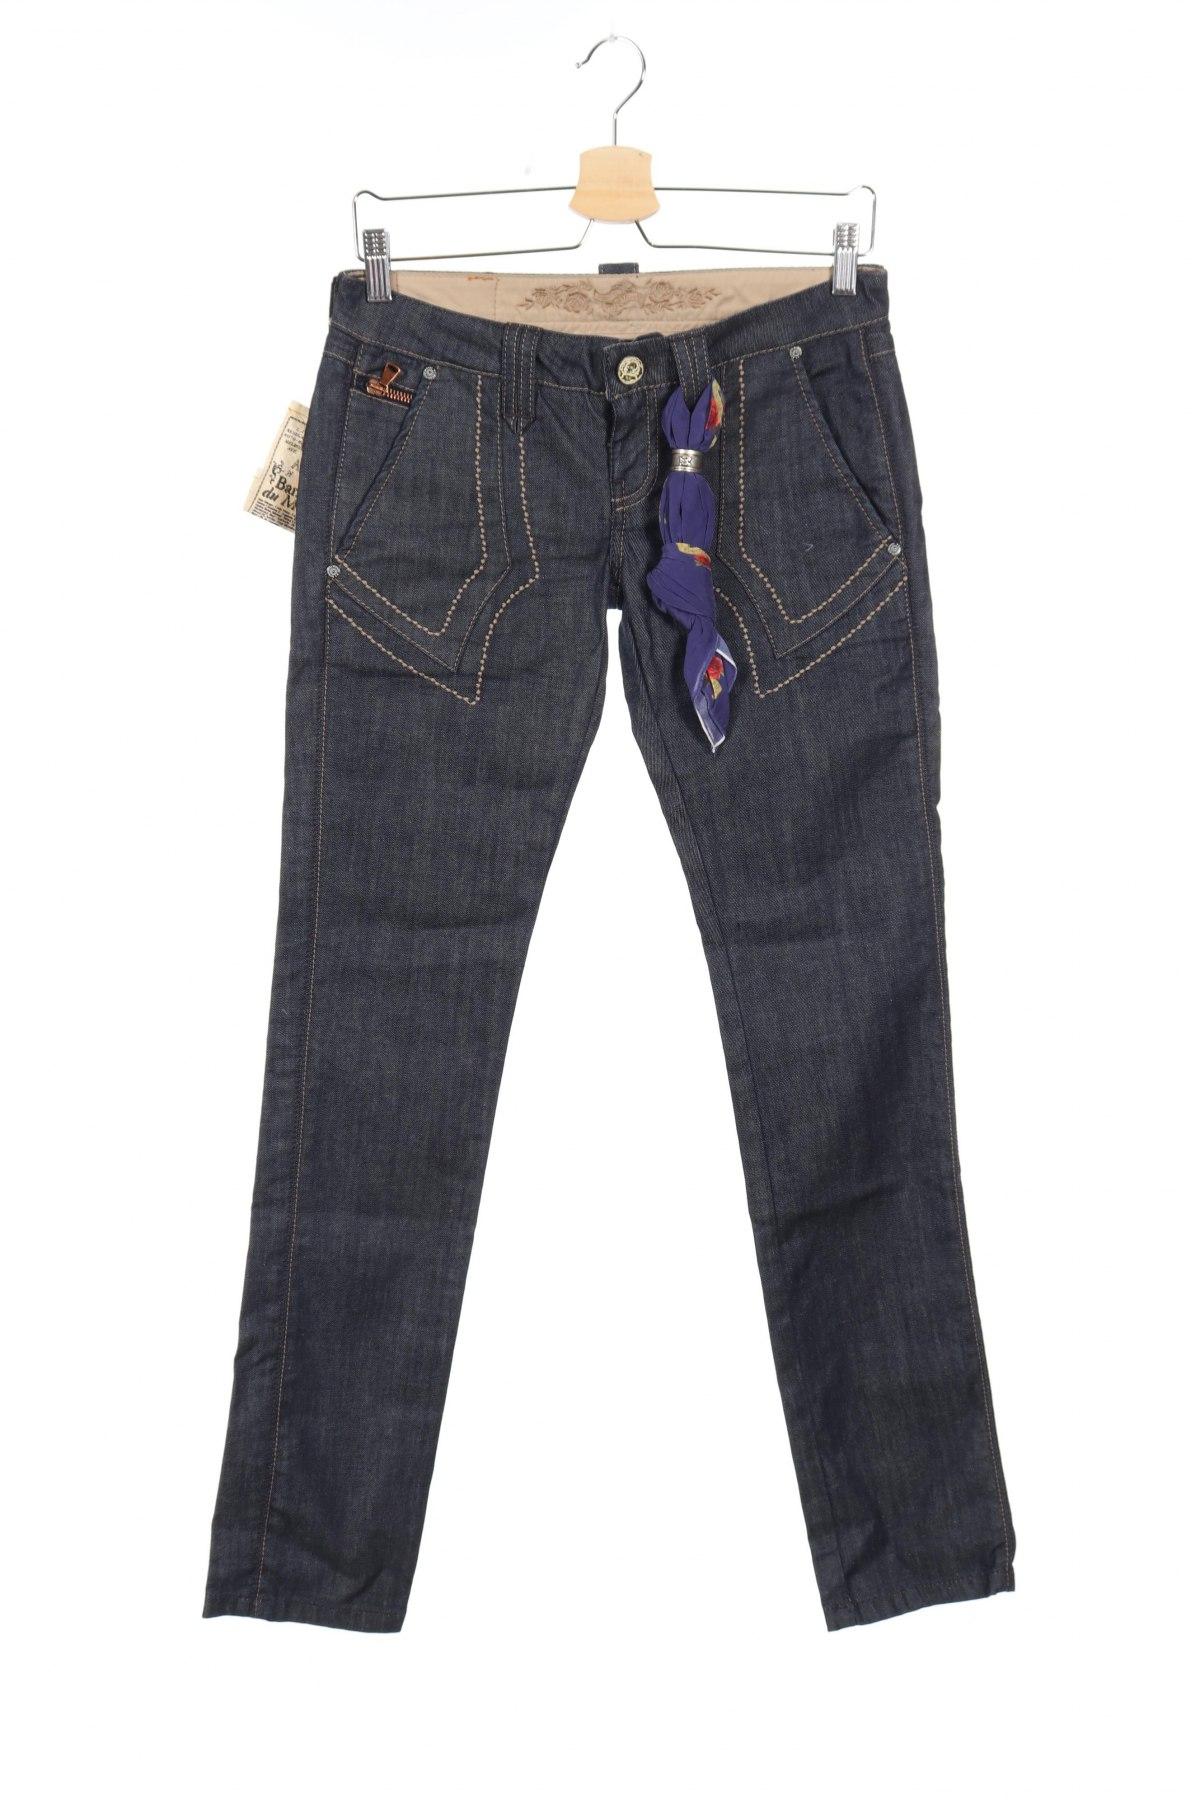 Дамски дънки Bandits Du Monde, Размер S, Цвят Син, 98% памук, 2% еластан, Цена 19,80лв.